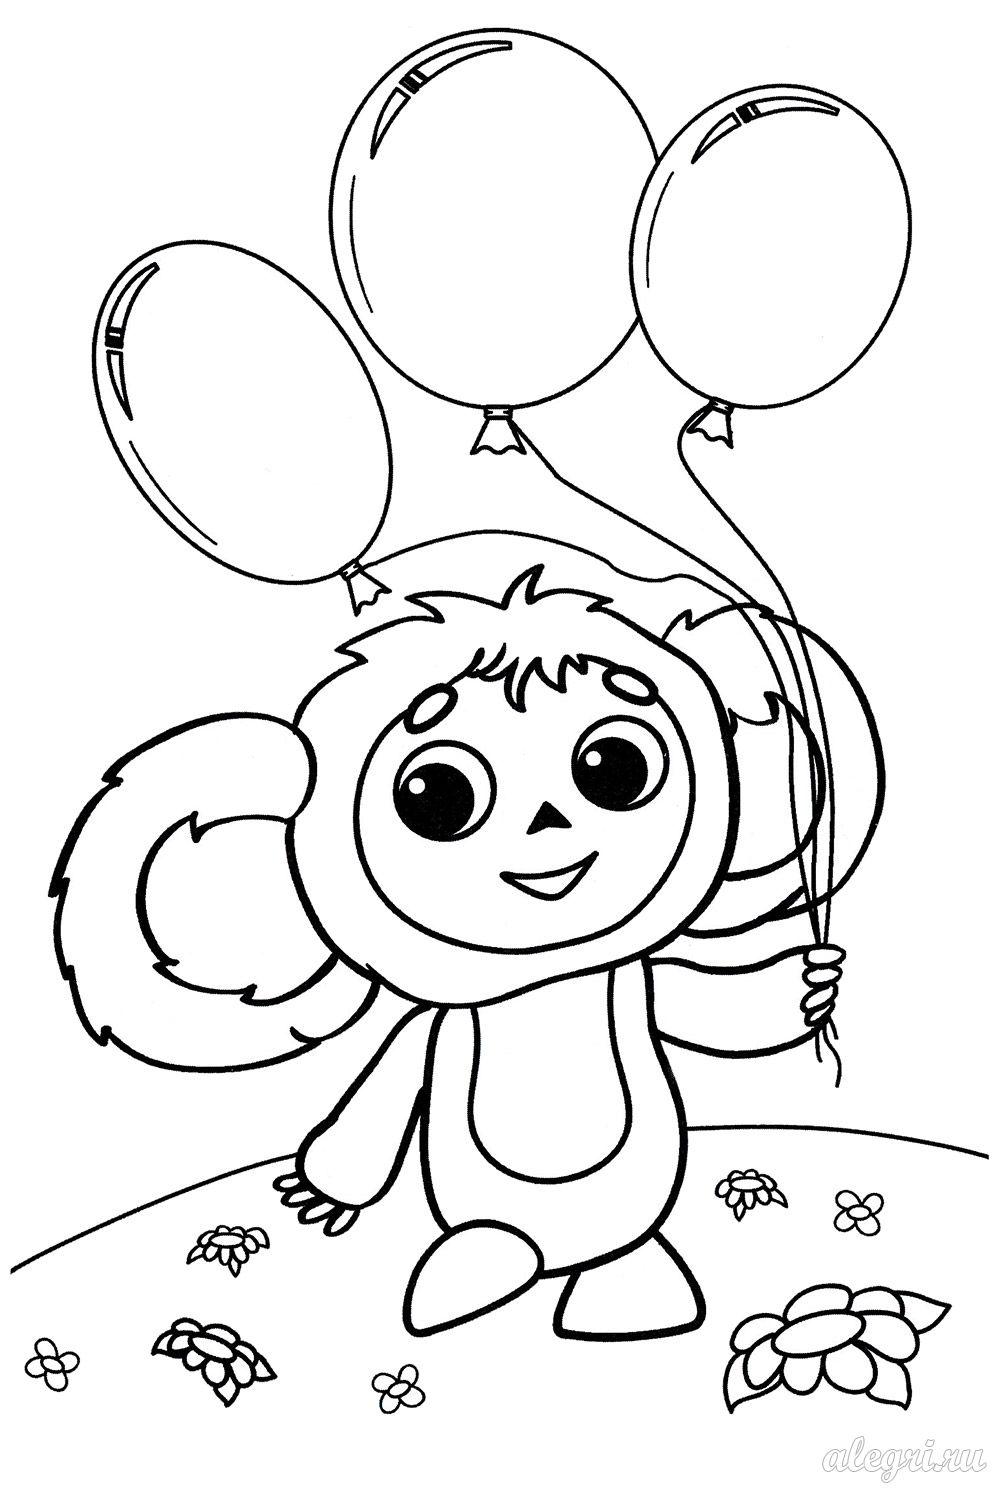 Детская раскраска. Чебурашка с шариками